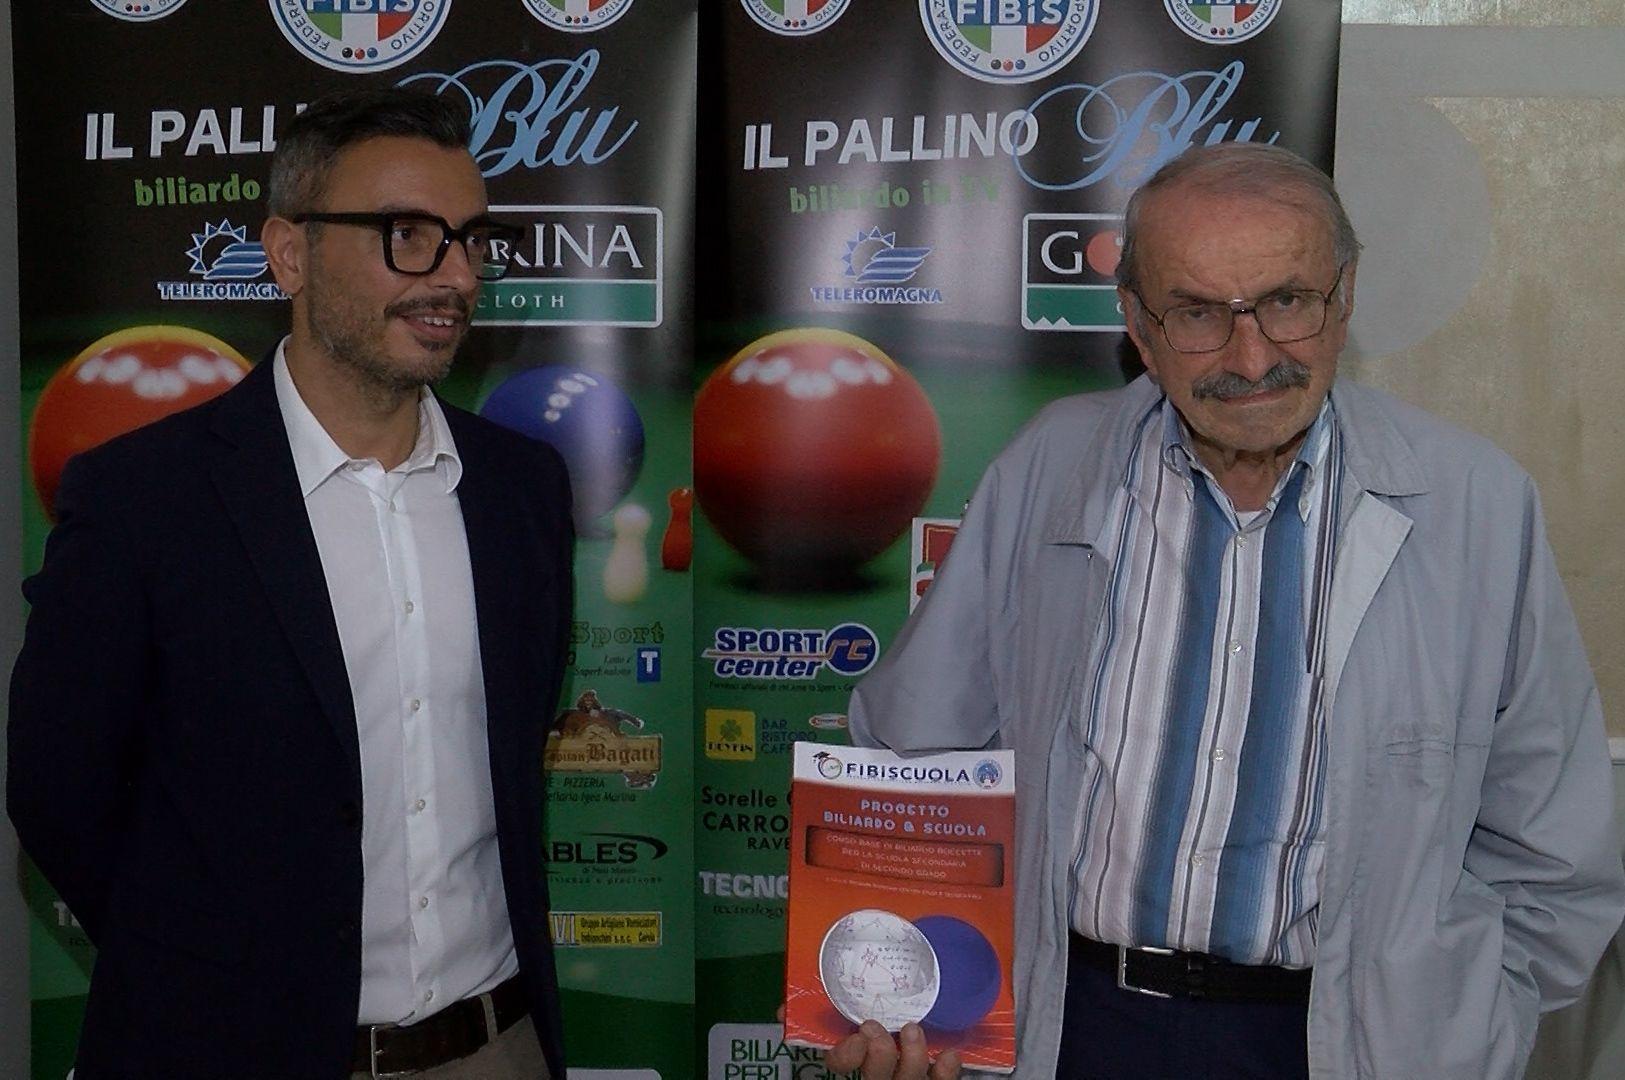 Vice Sindaco Daniele Mezzacapo e Professor Secondo Giunchedi